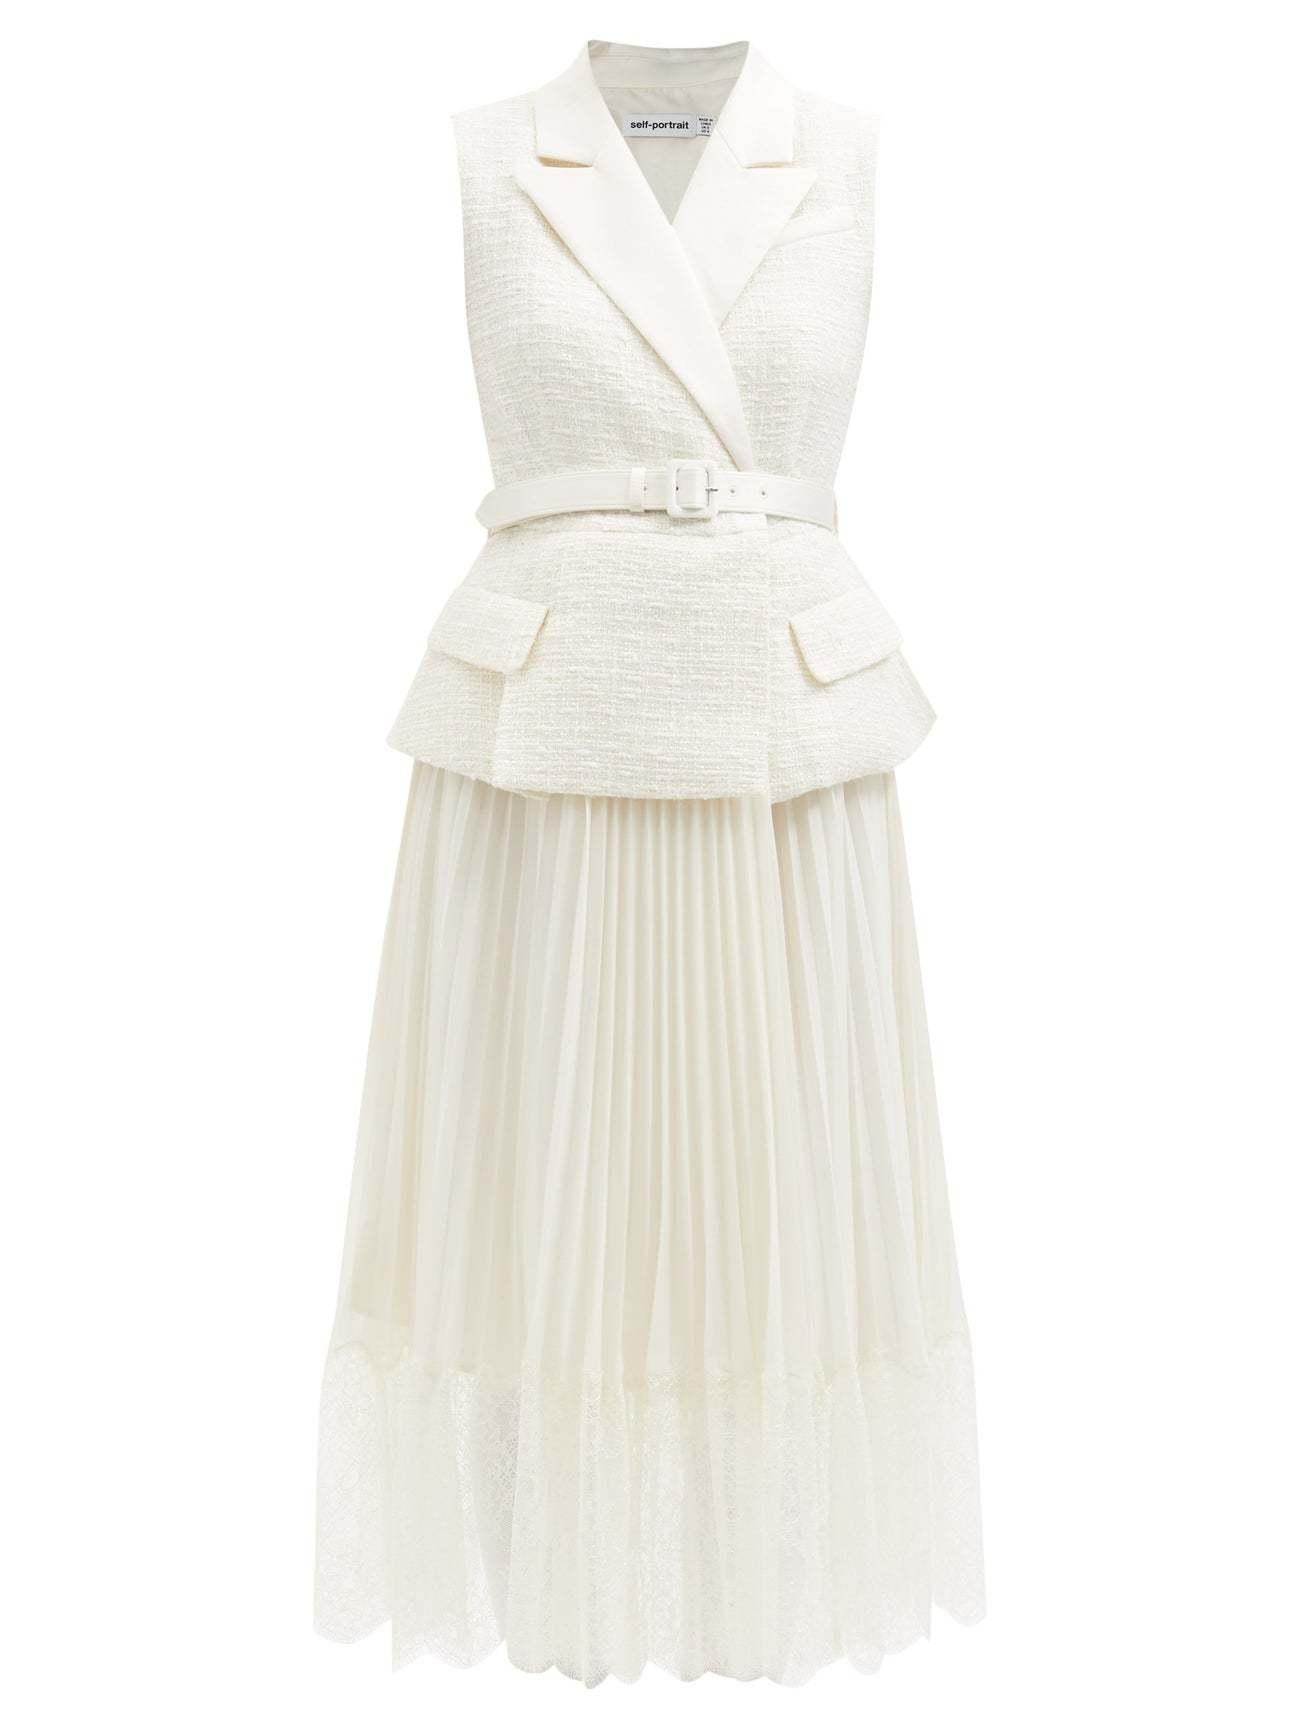 El vestido elegido por Kate Middleton para esta ocasión era de Self Portrait y puede comprarse con o sin mangas (400 euros).